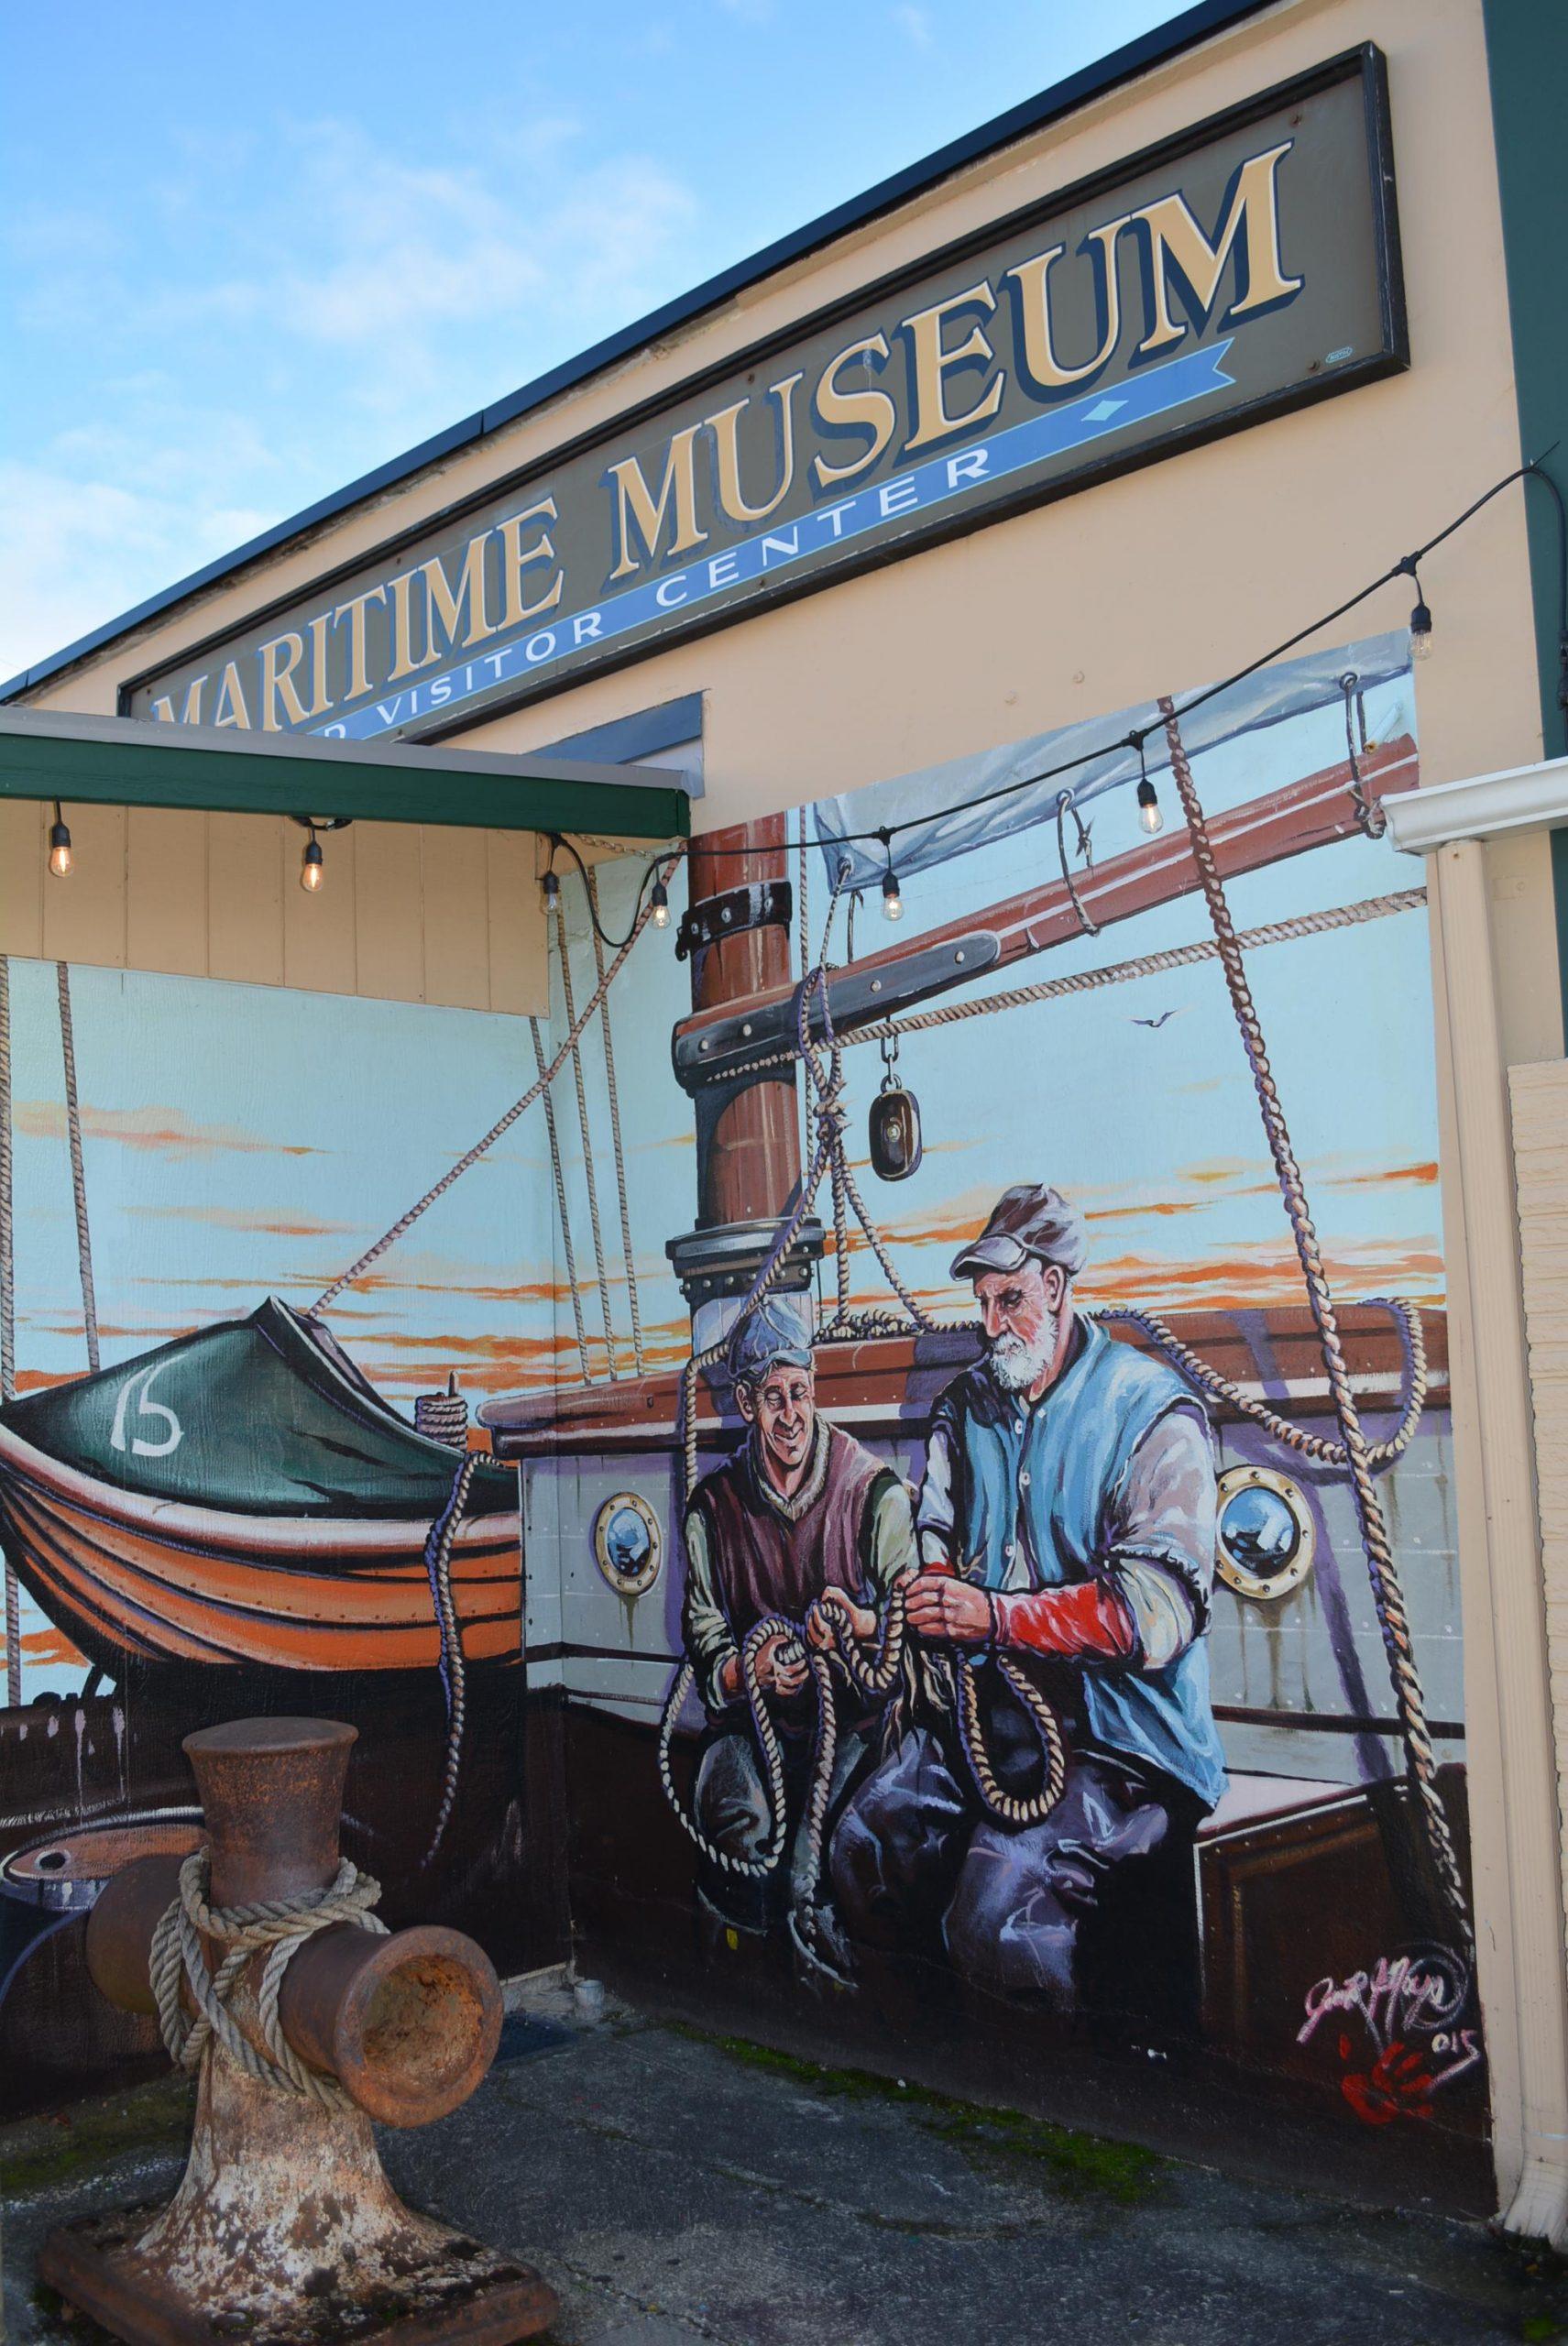 Poulsbo Maritime Museum mural